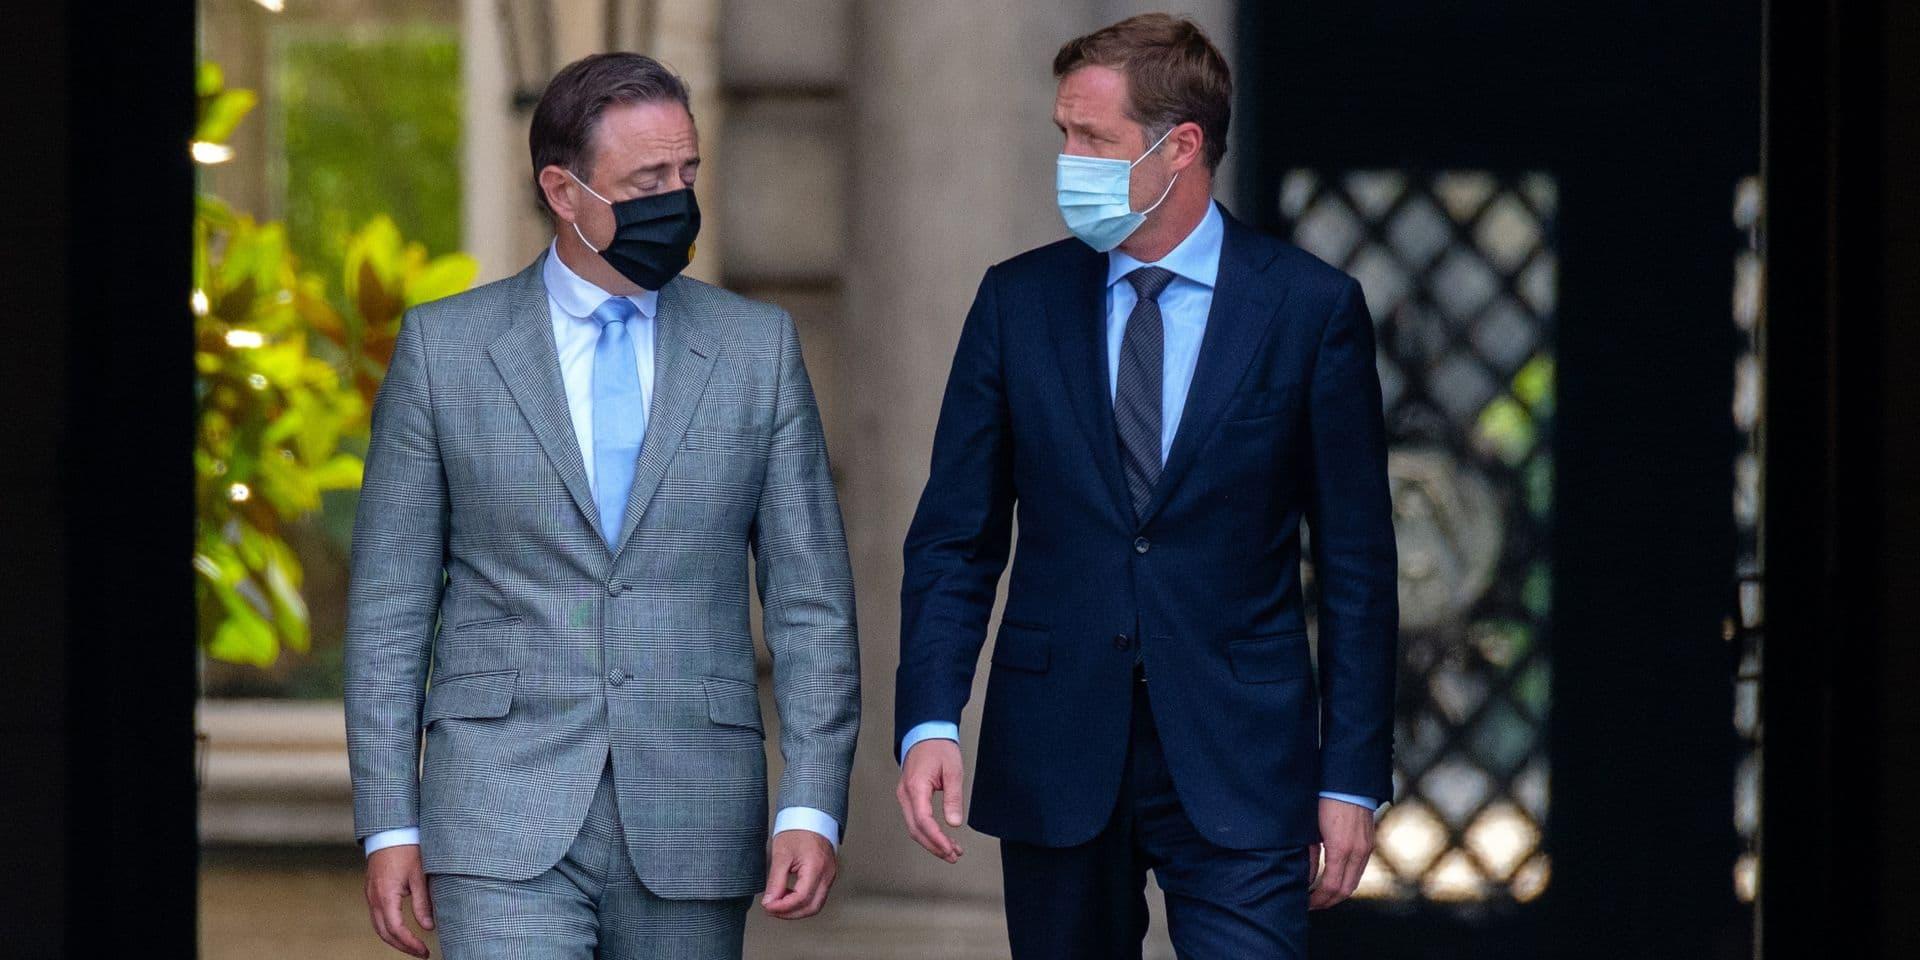 C'est la fin pour le duo Magnette-De Wever: les préformateurs jettent l'éponge